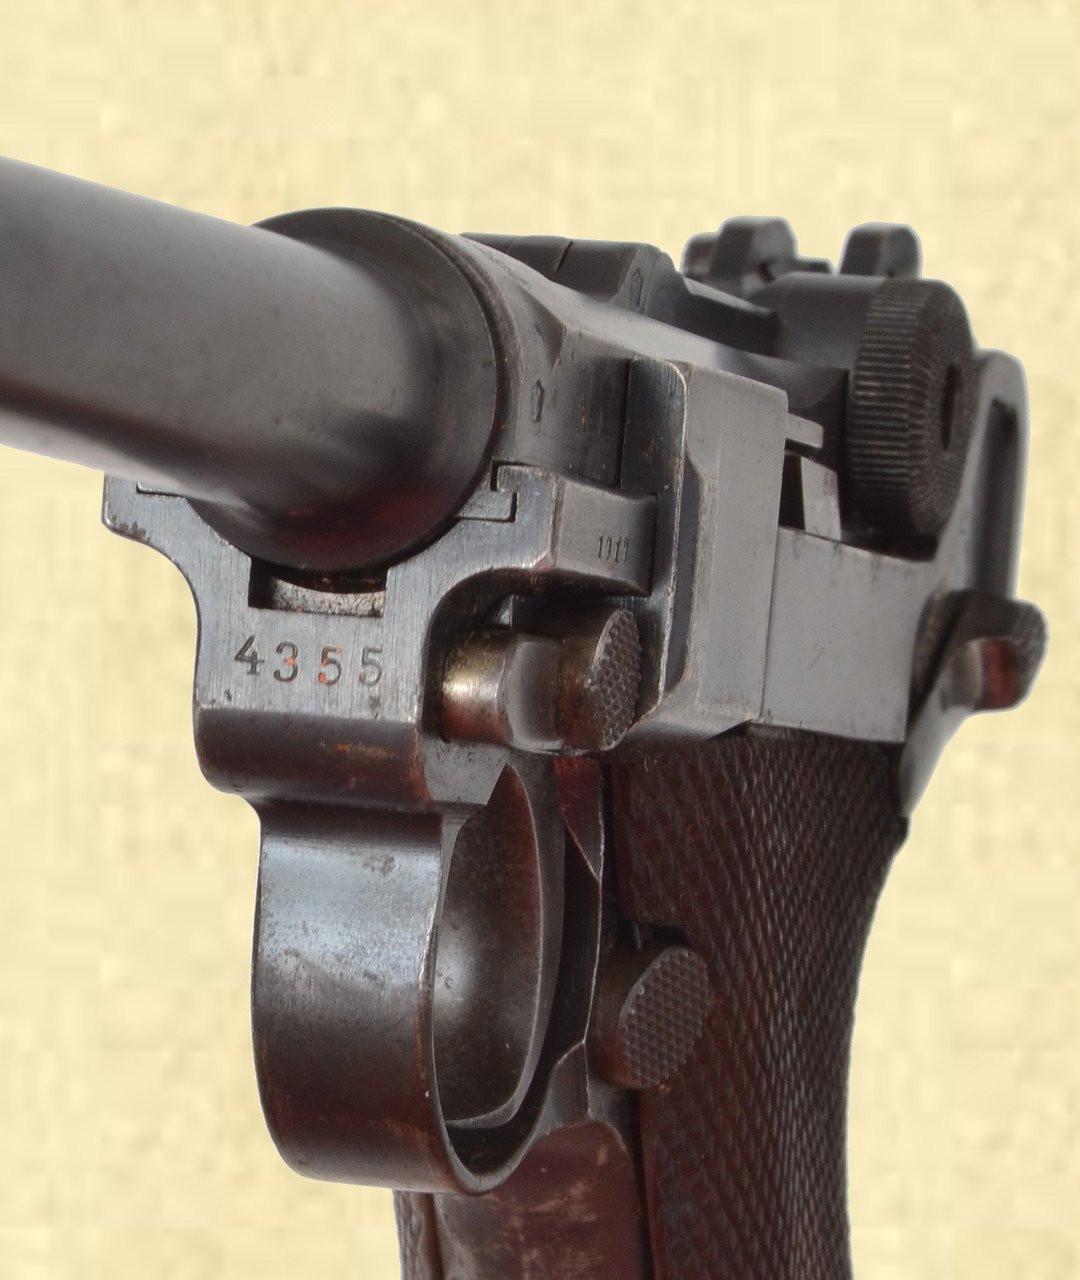 DWM LUGER 1917 NAVY - Z38721